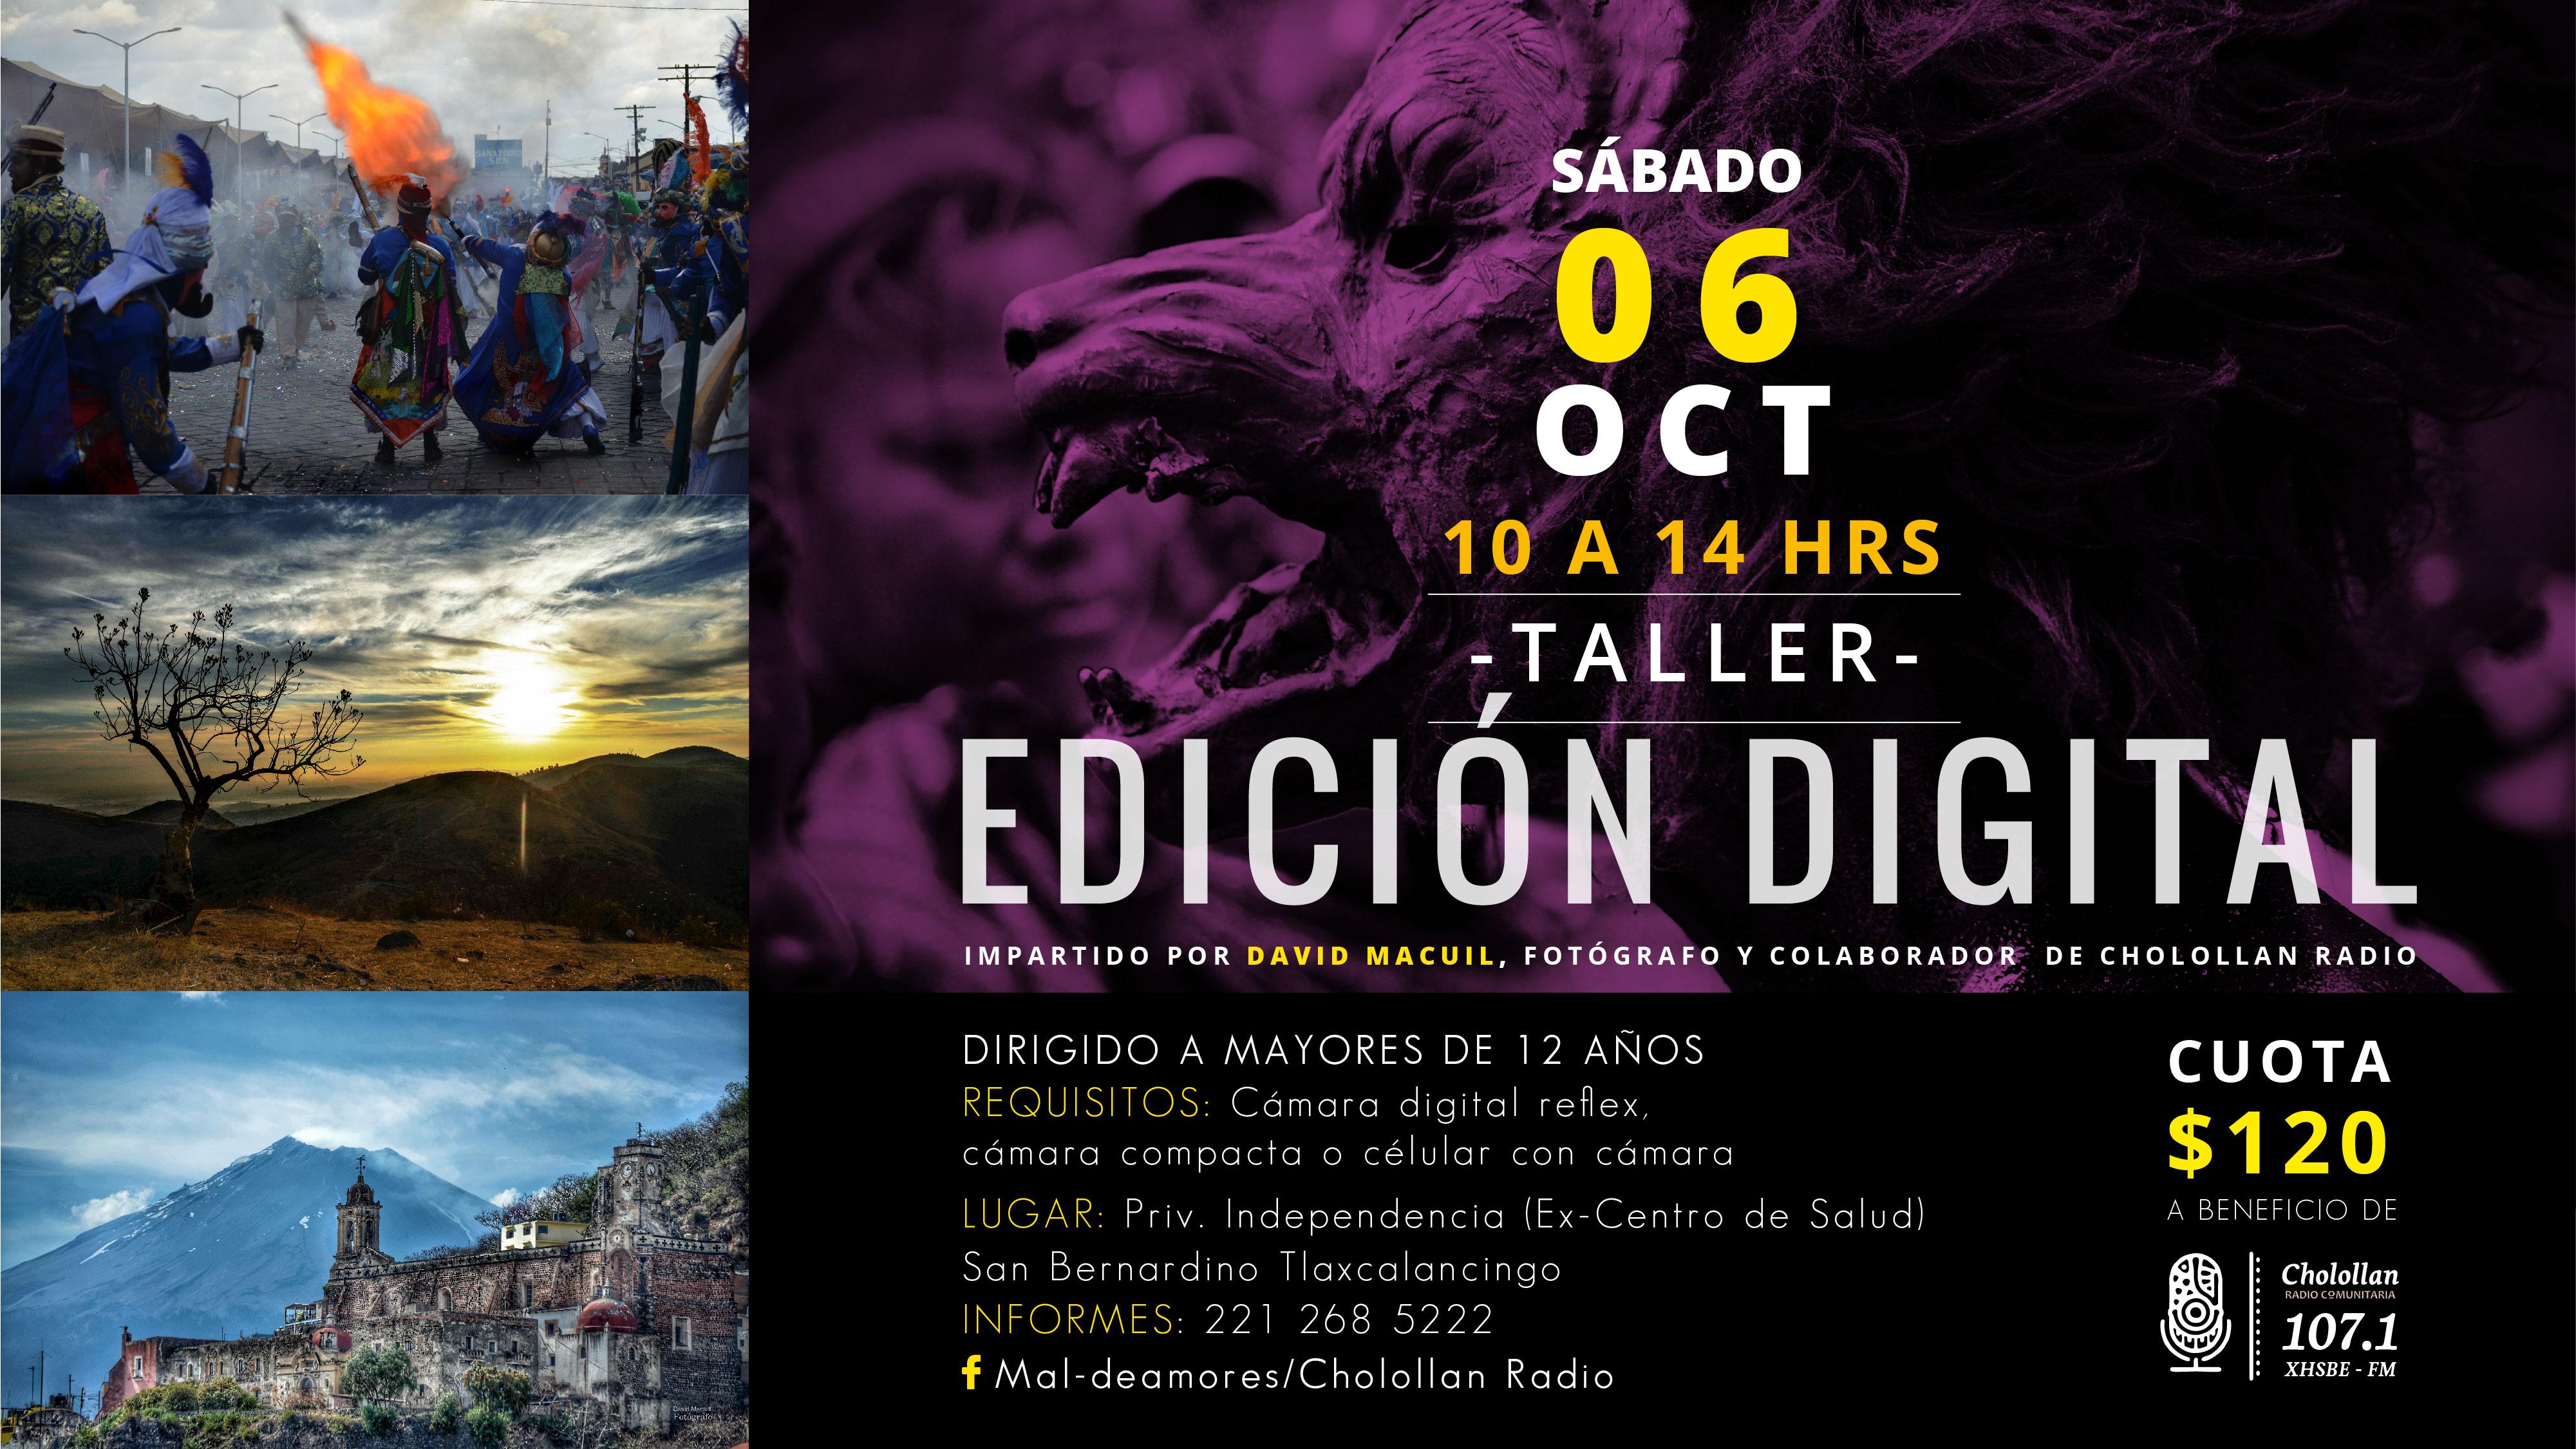 Taller de edición fotográfica @ Cabina de Radio (Ex Centro de Salud).